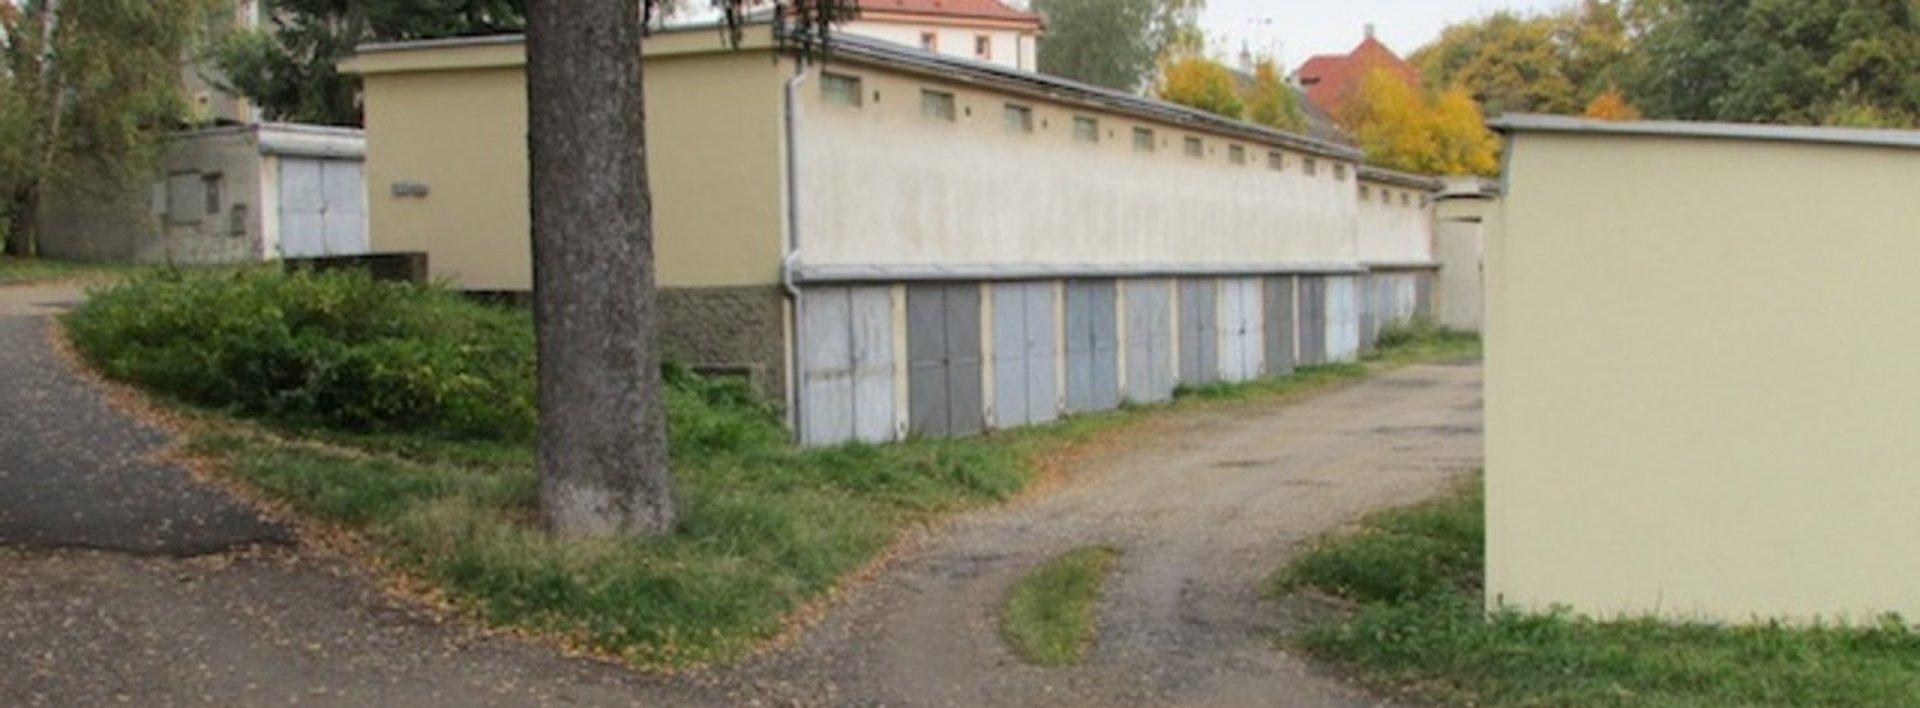 Prodej řadové garáže, 18m²- Vodňanská, Ruprechtice, Ev.č.: N46484